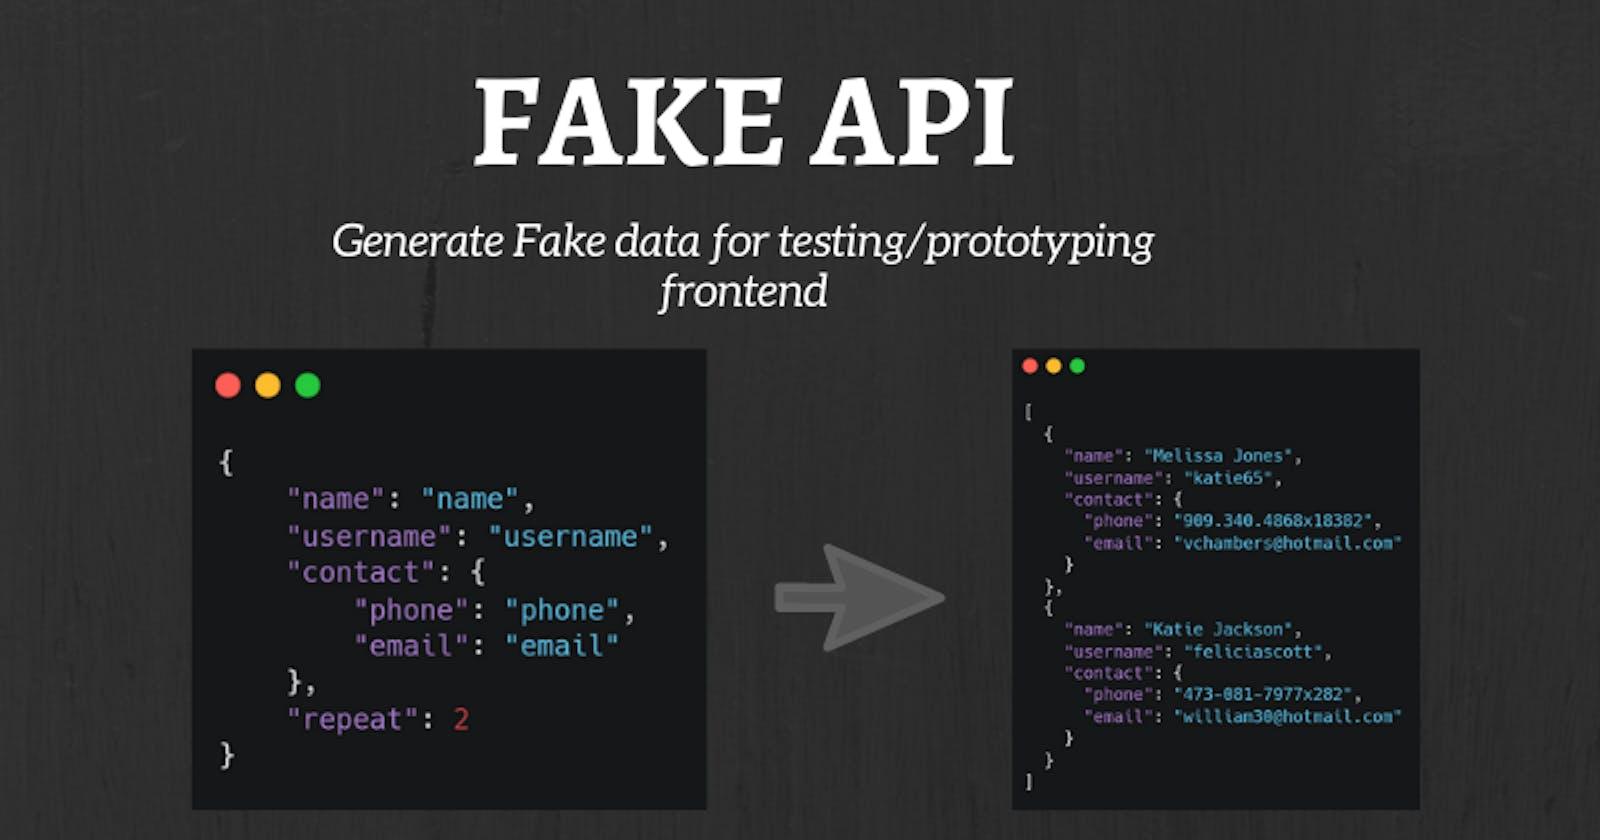 Fake API - An API to generate fake data